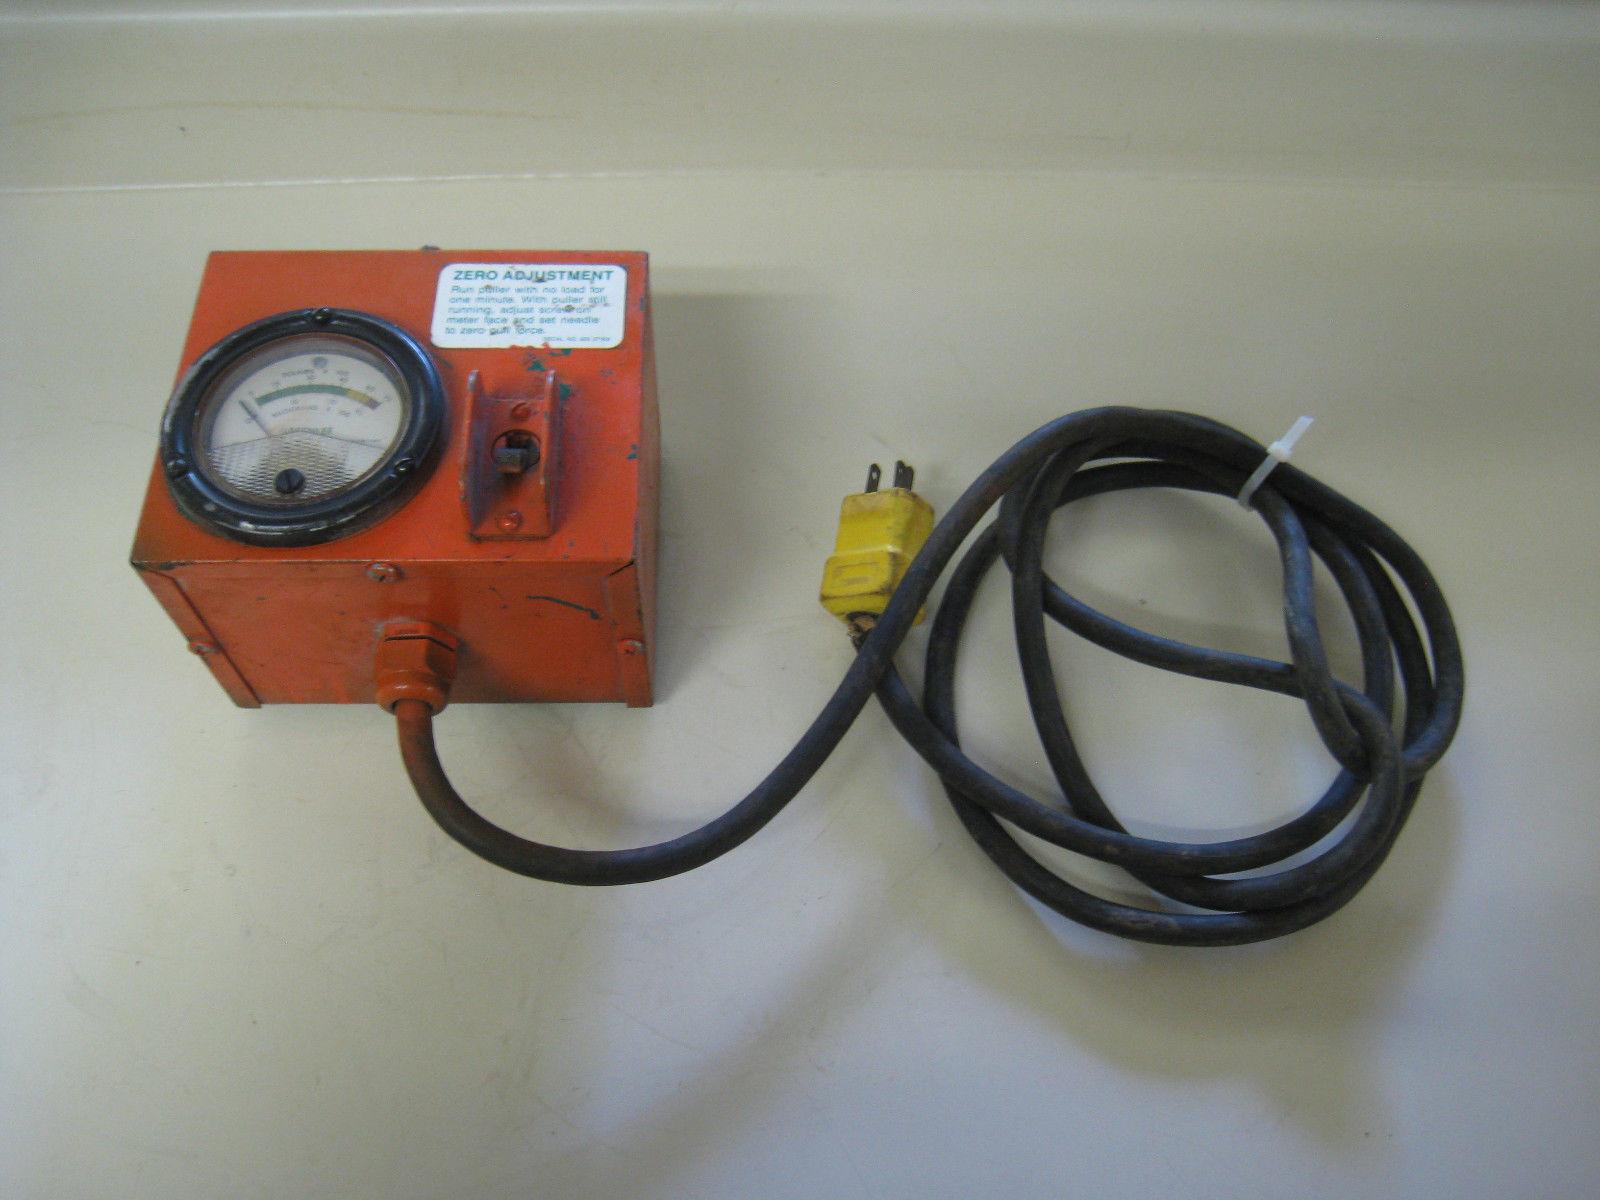 GREENLEE 37179 Force Gauge Ammeter for Super Tugger Cable Puller ...